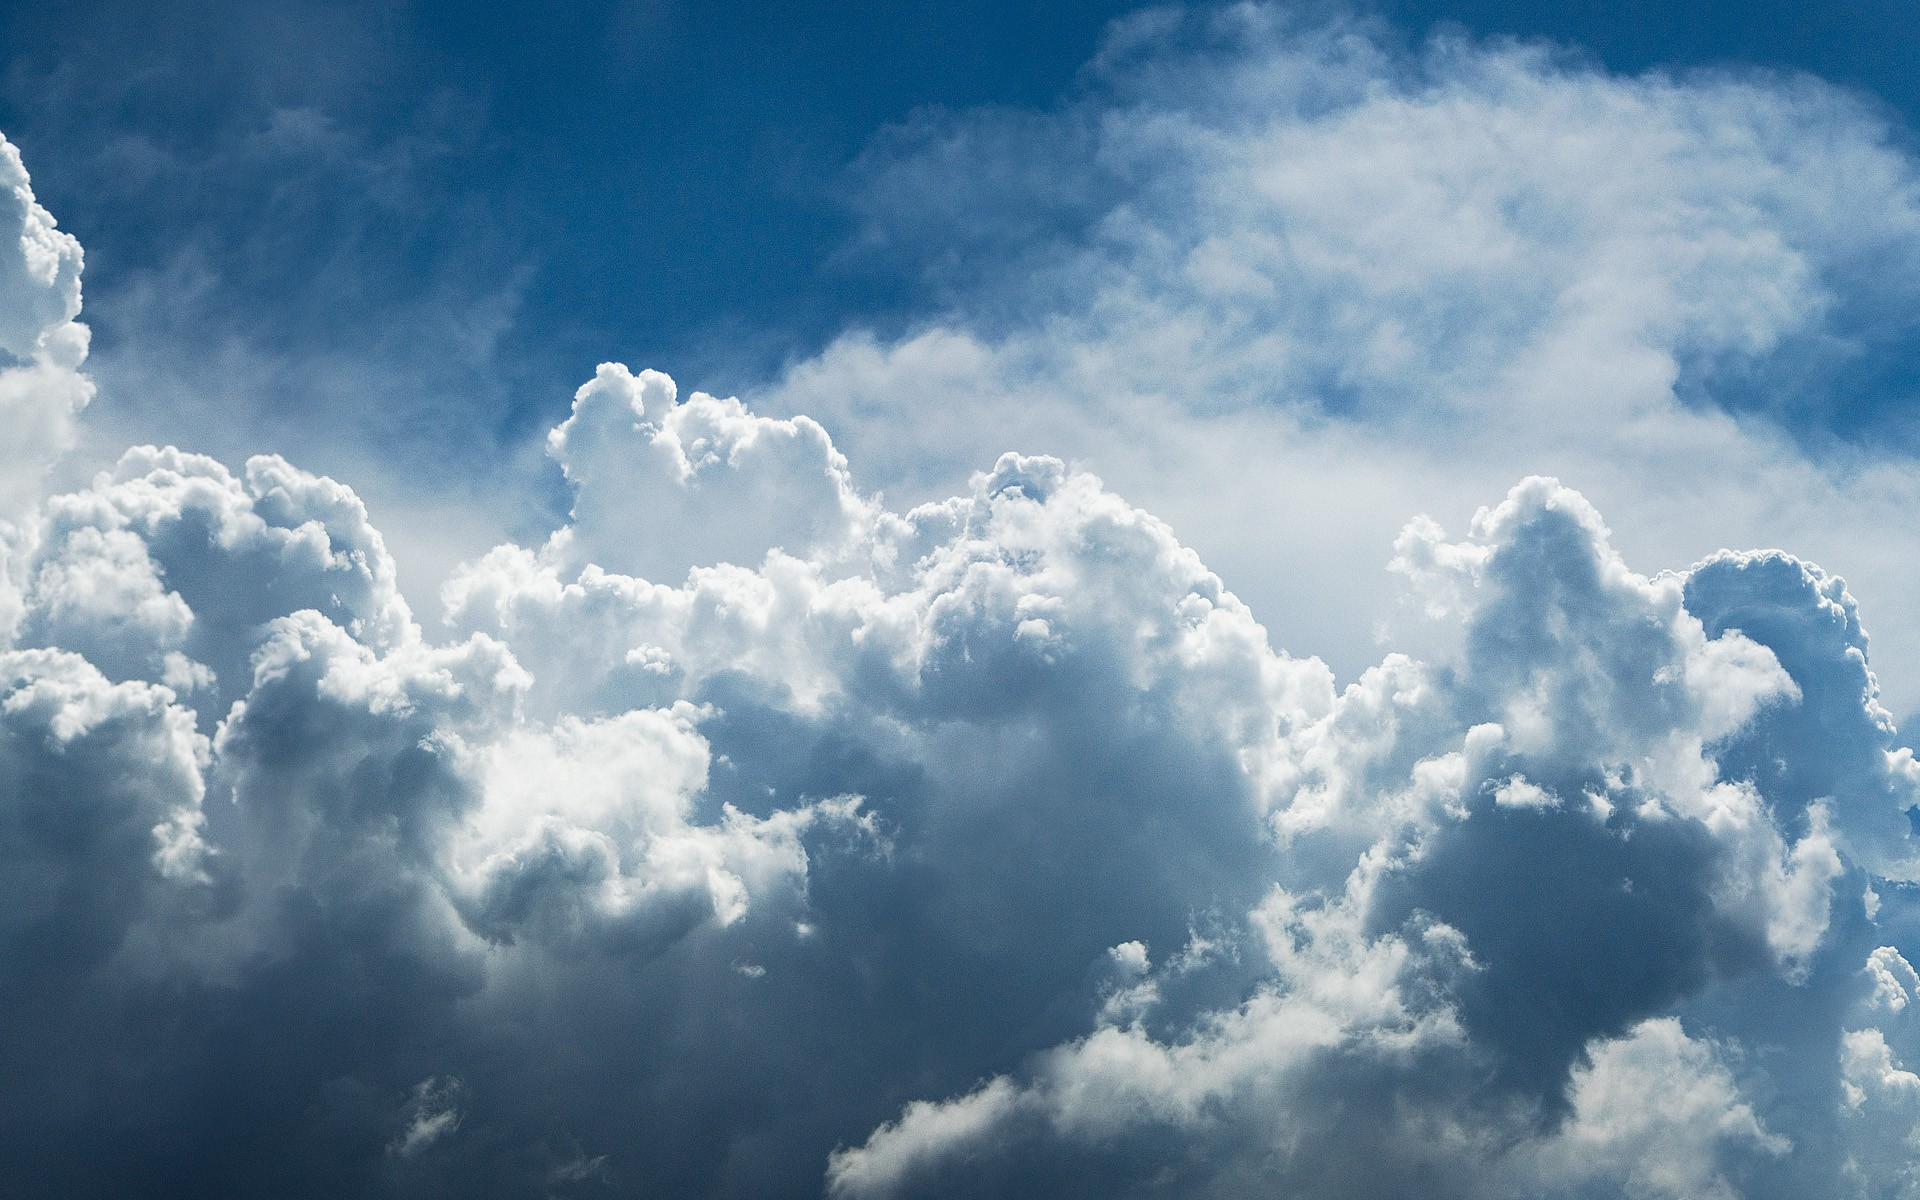 72 Clouds Wallpaper On Wallpapersafari